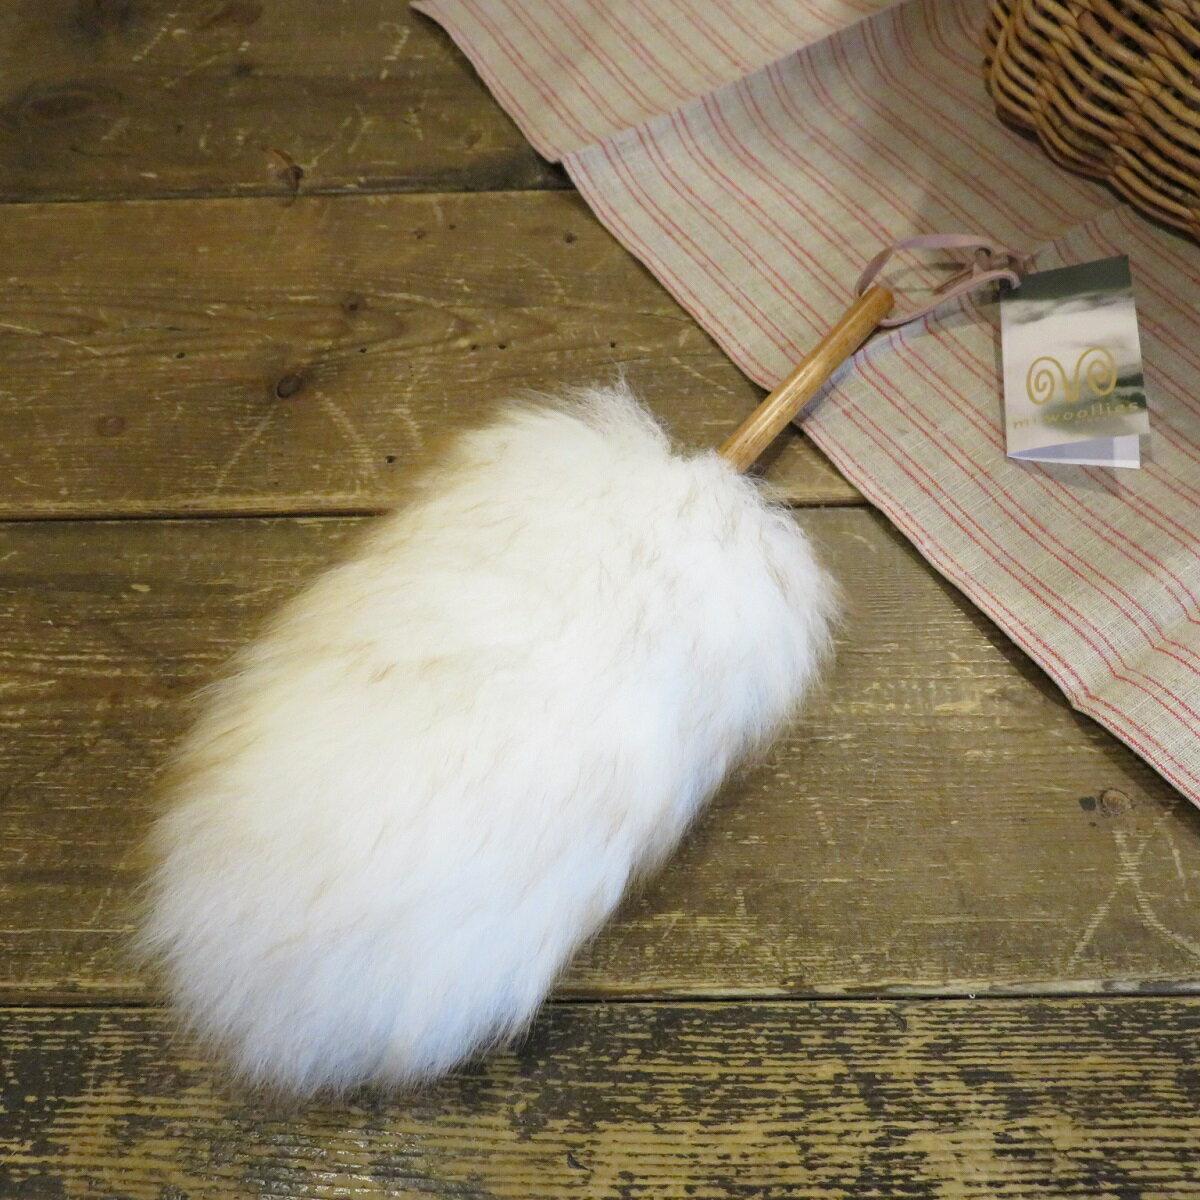 ミーウーリーズ(Mi Woollies)羊毛ダスターS 30センチ (7400)ネコポス1本限定用。同梱不可アイテム。同梱希望の場合は→https://item.rakuten.co.jp/gtby/ef7400free/